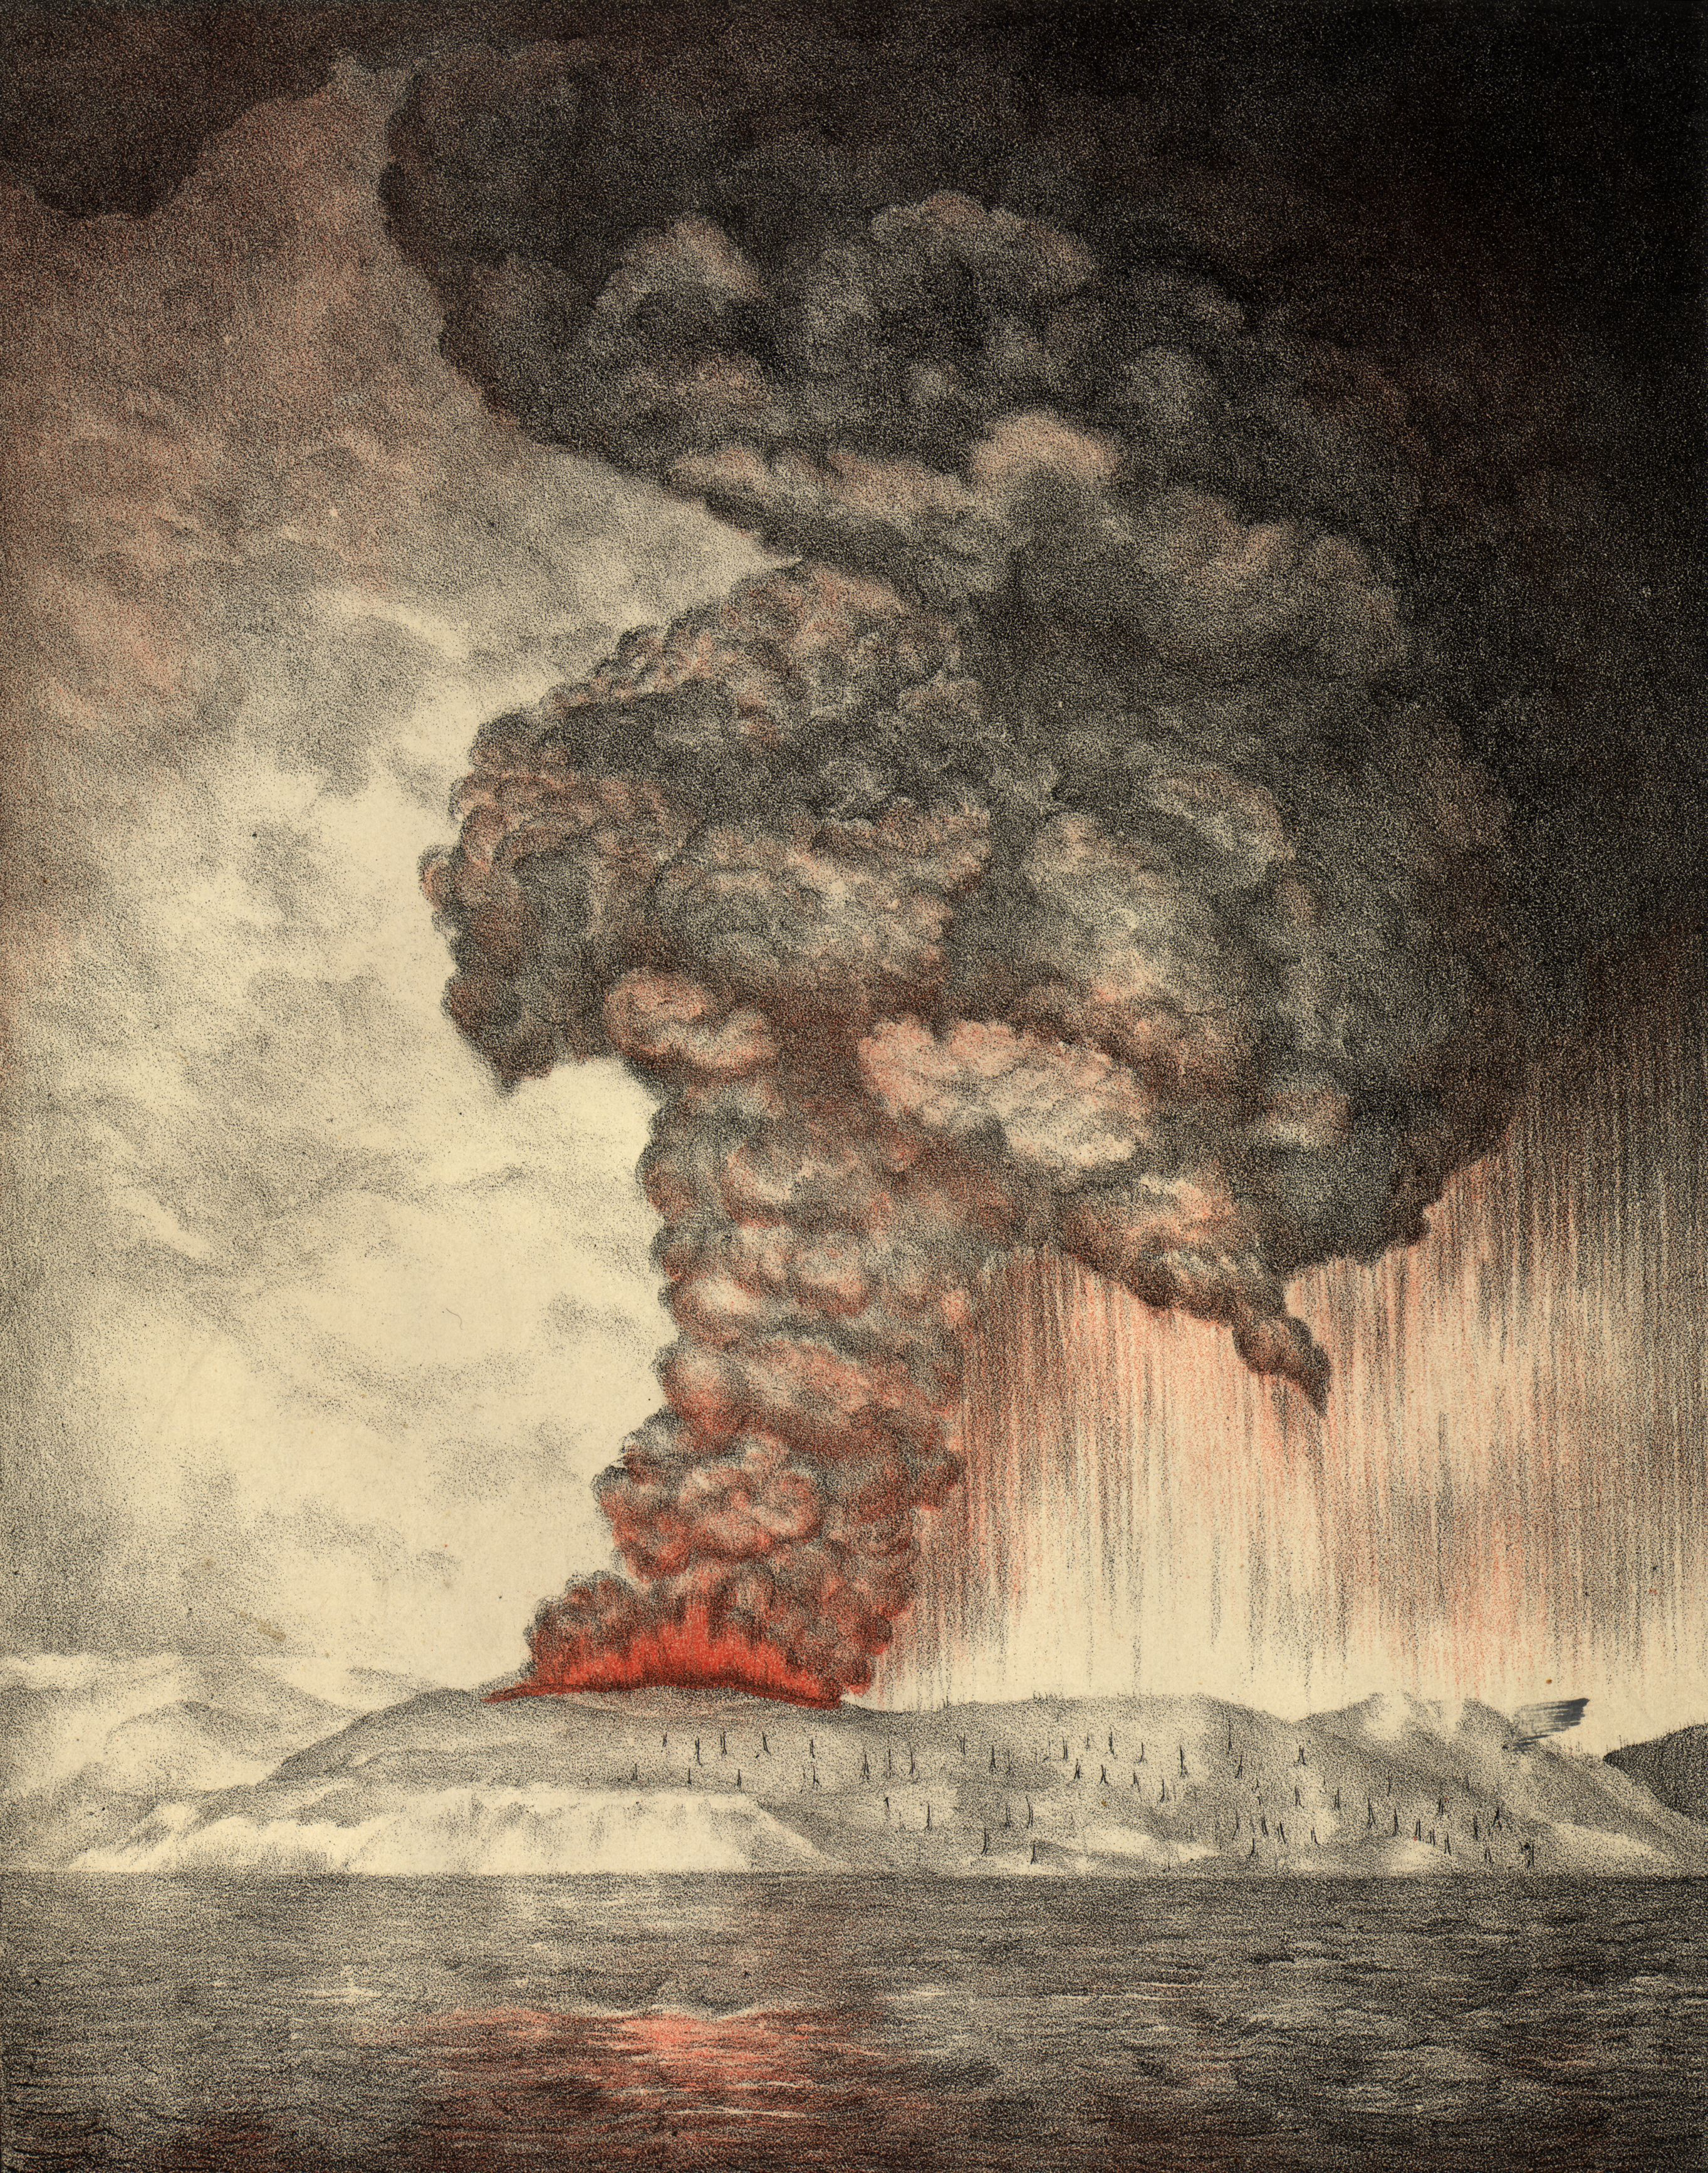 Resultado de imagem para krakatoa volcano 1883